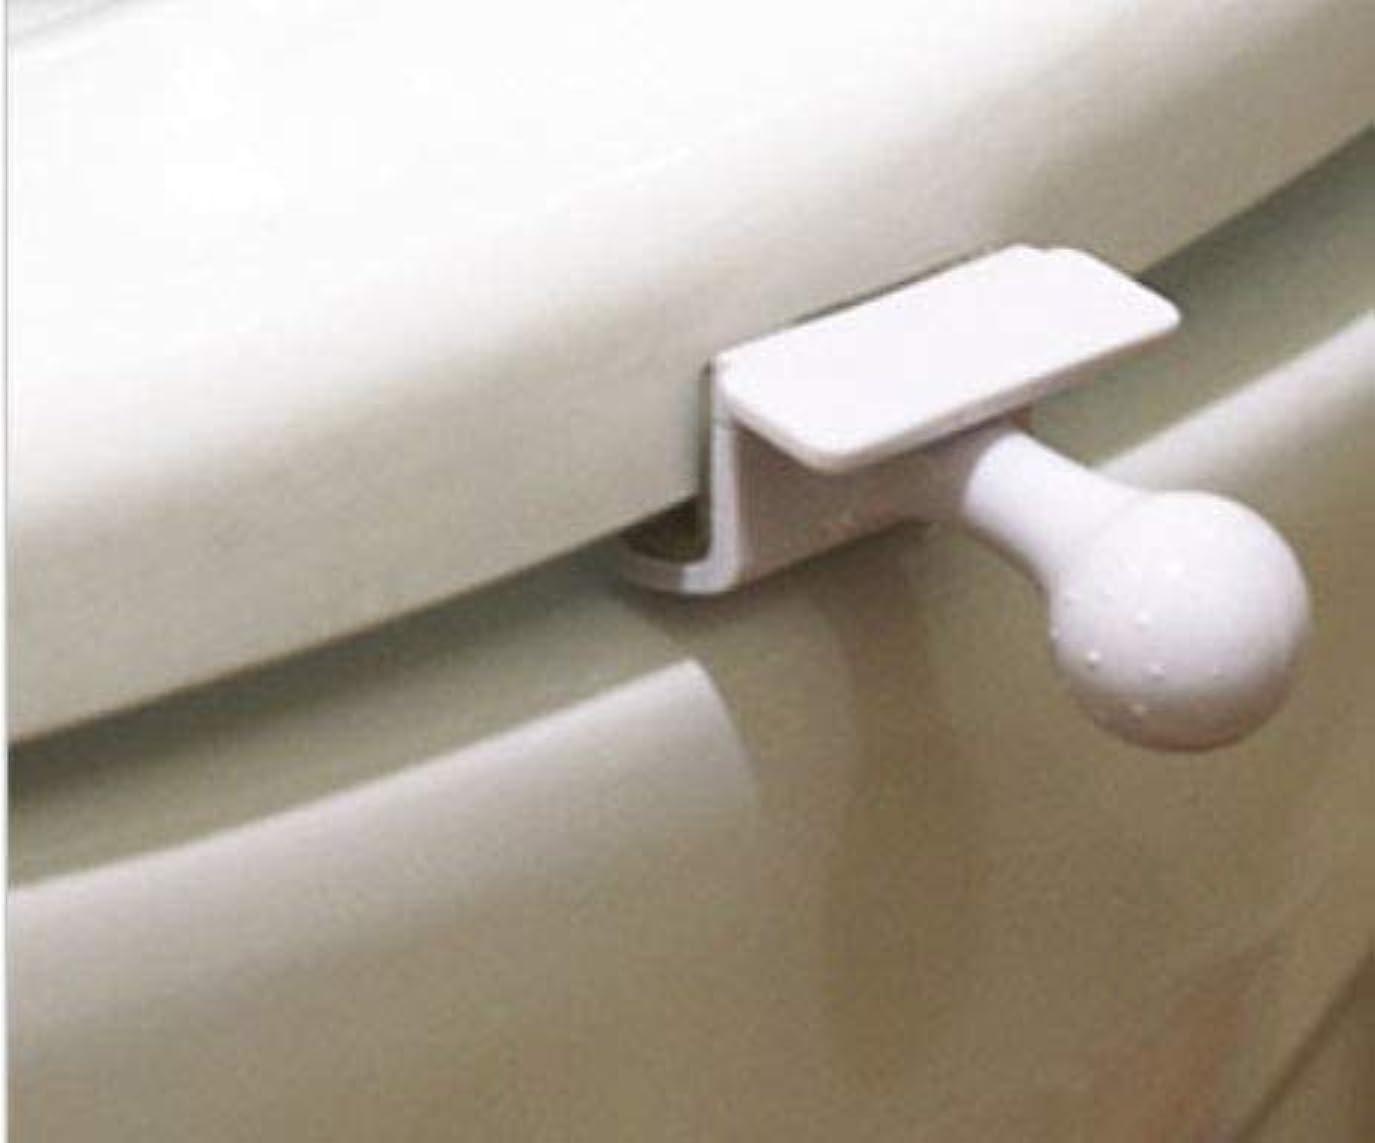 逆さまに地殻悲しみ切手を貼り郵便局発送、トイレ 便座 取っ手 除菌 トイレ便座とって 便座ハンドル 開閉、トイレを使用する時、蓋を持ち上げる時の不愉快さを なくす、トイレの蓋を取る器具